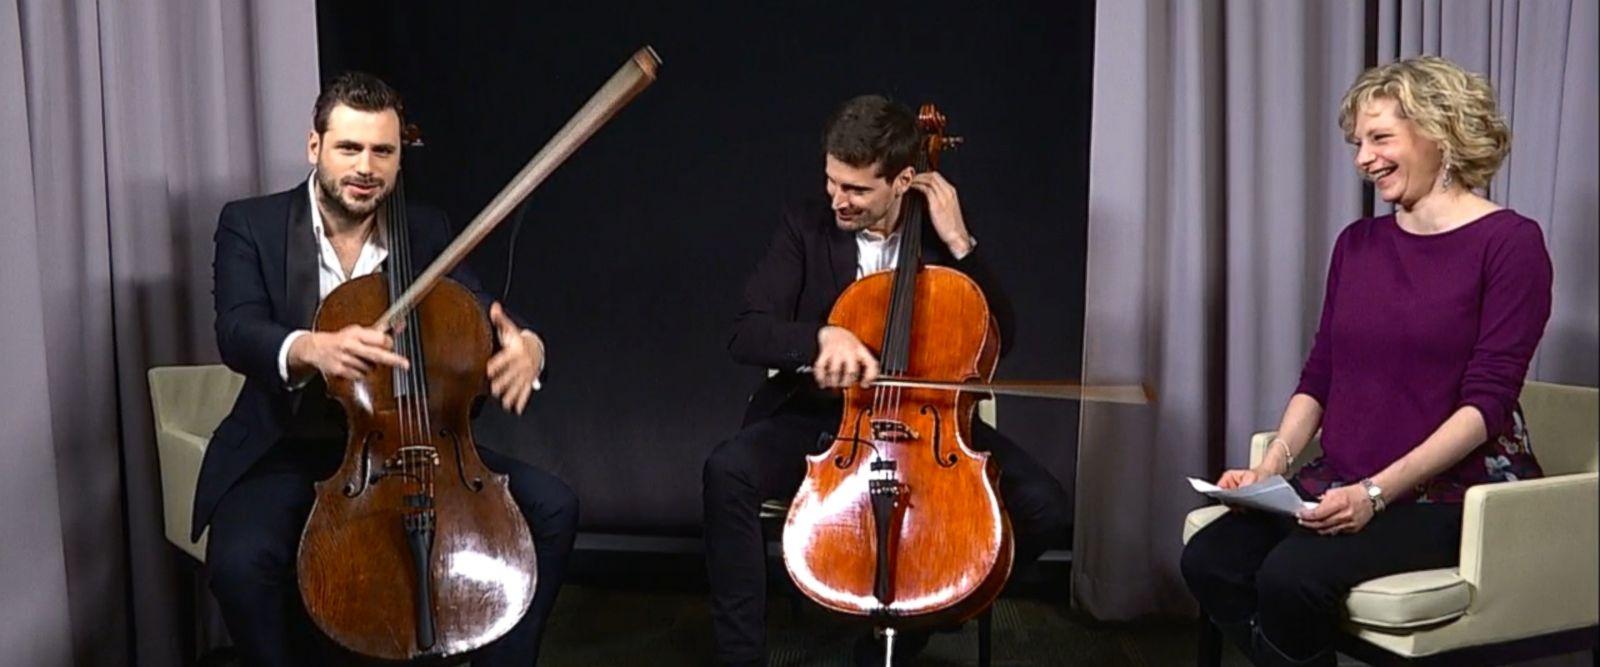 VIDEO: YouTube sensations 2CELLOS on their new album, 'Score'